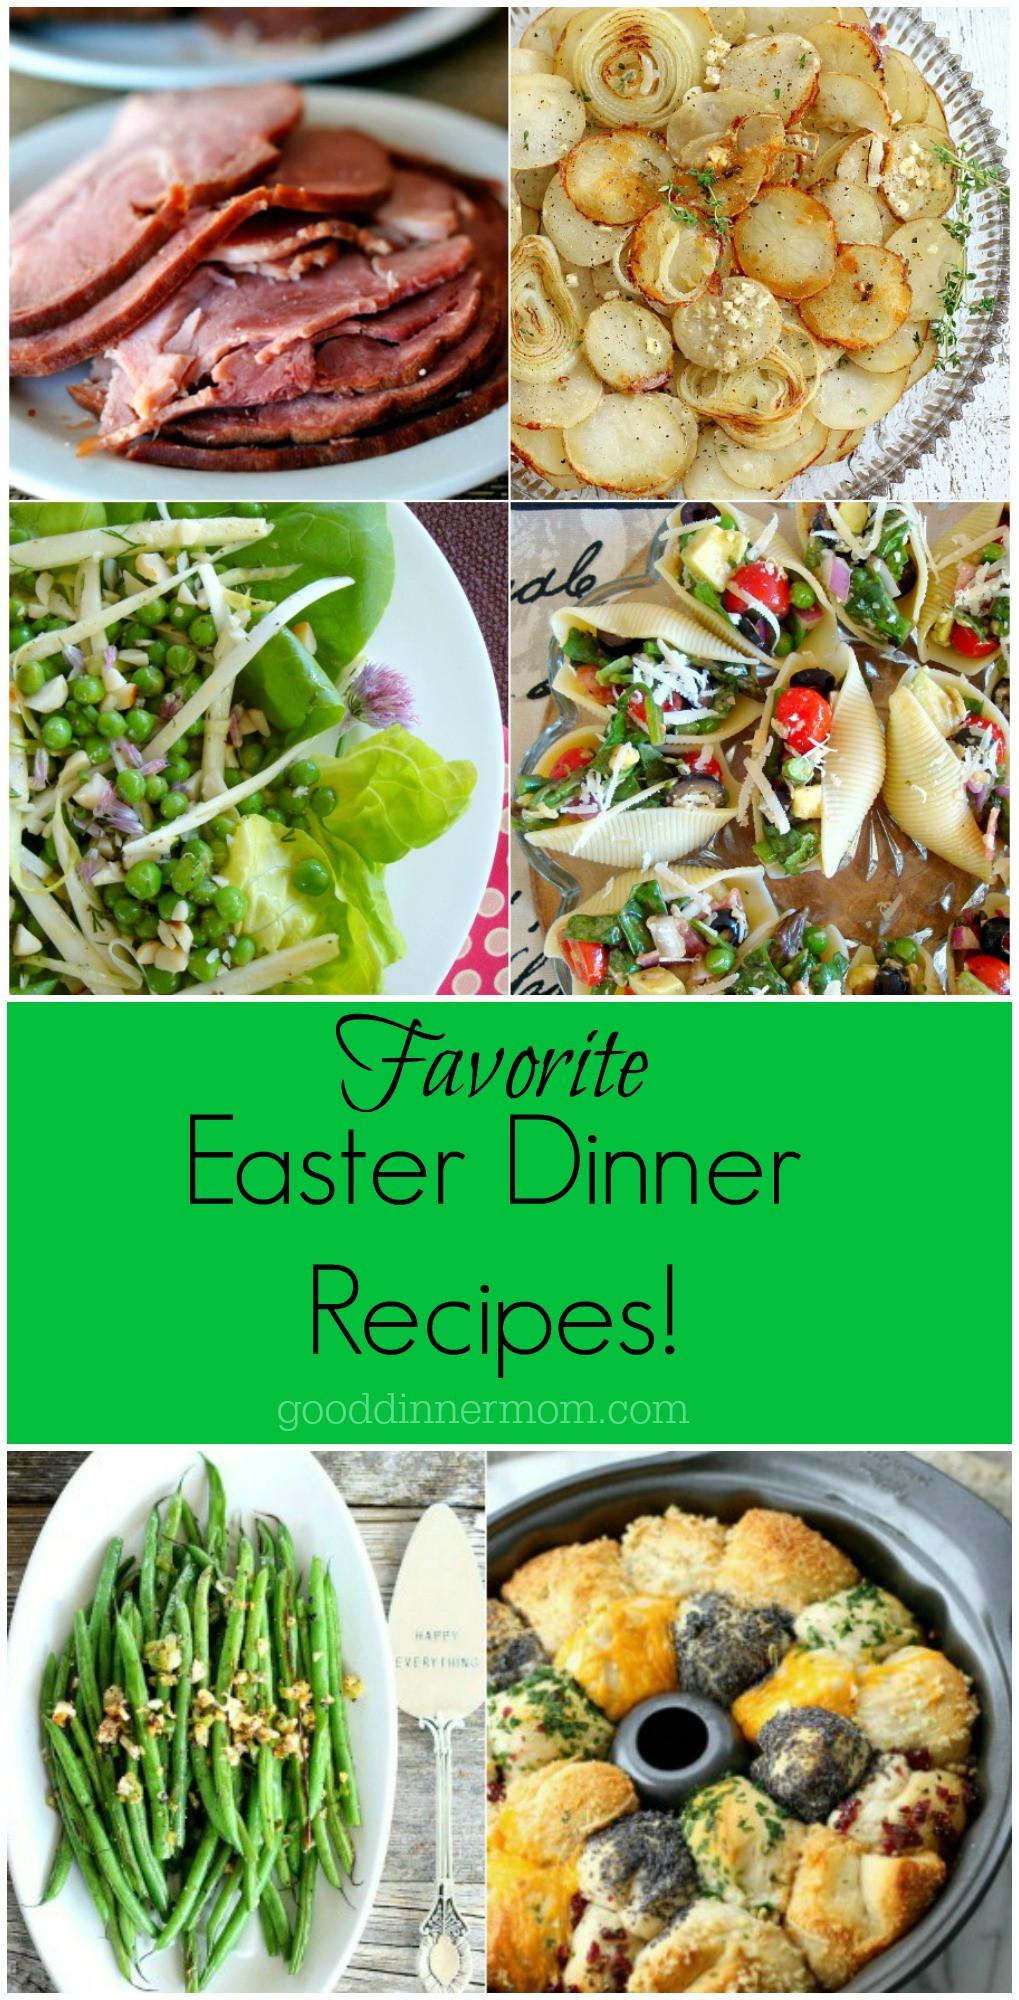 Good Dinner Ideas  Easter Dinner Recipes – Good Dinner Mom